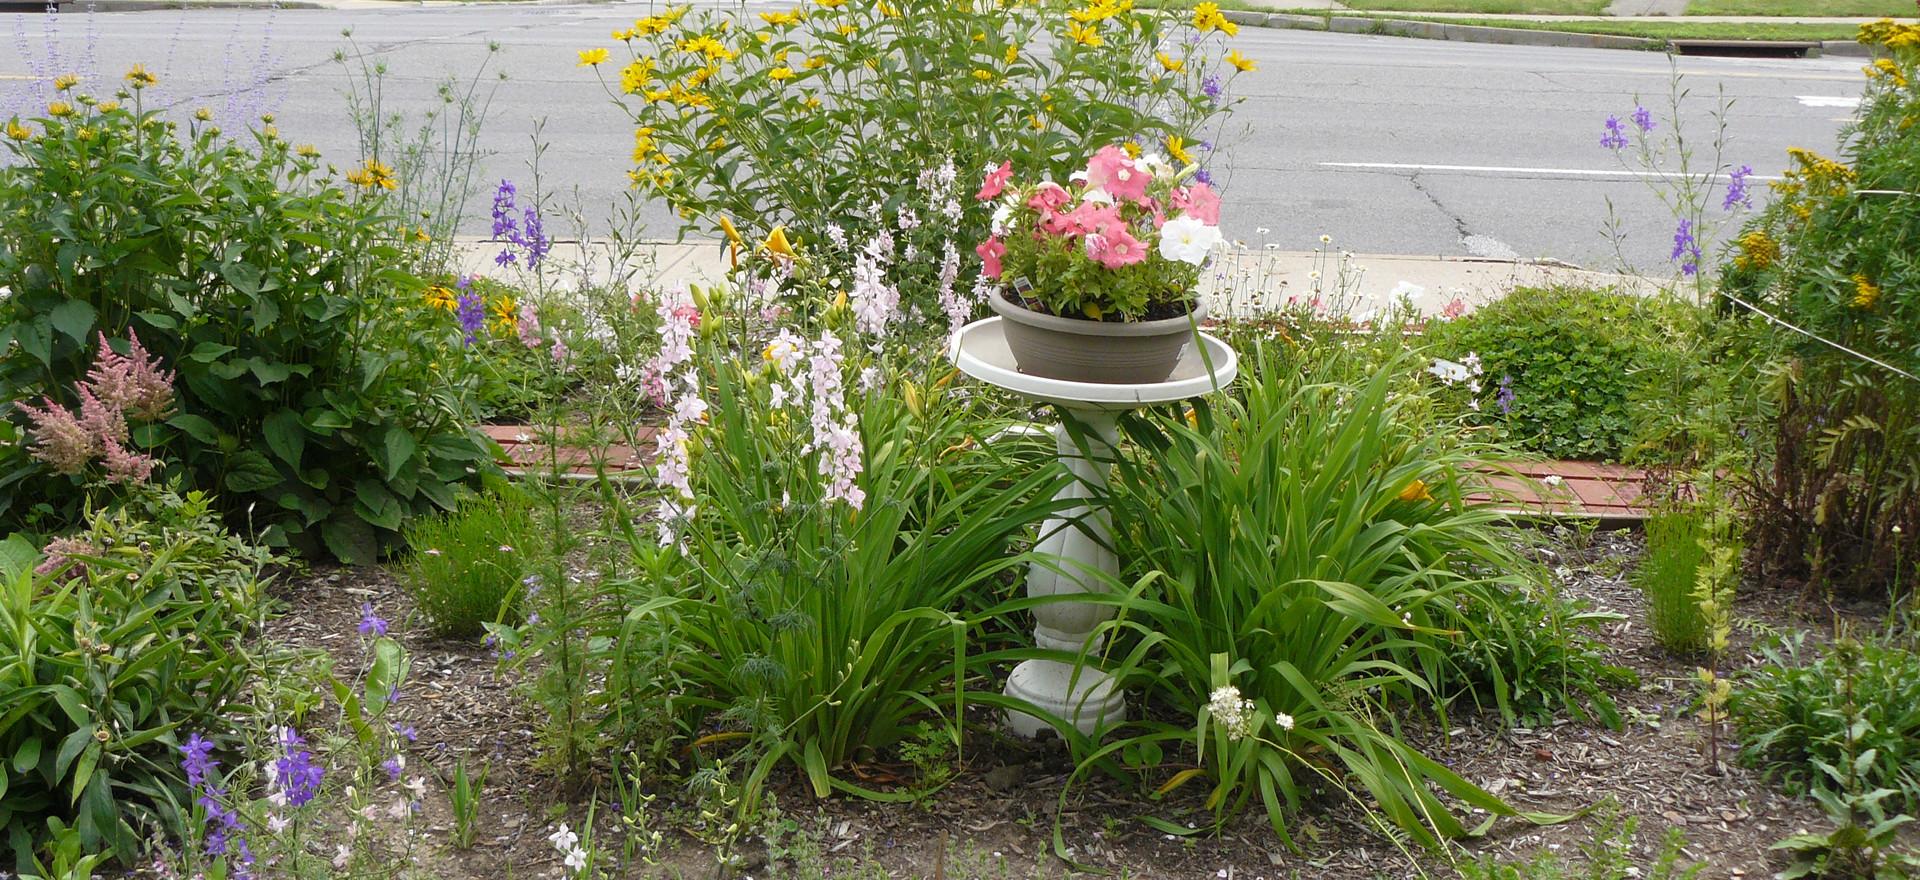 Our Garden July  2013 017.JPG